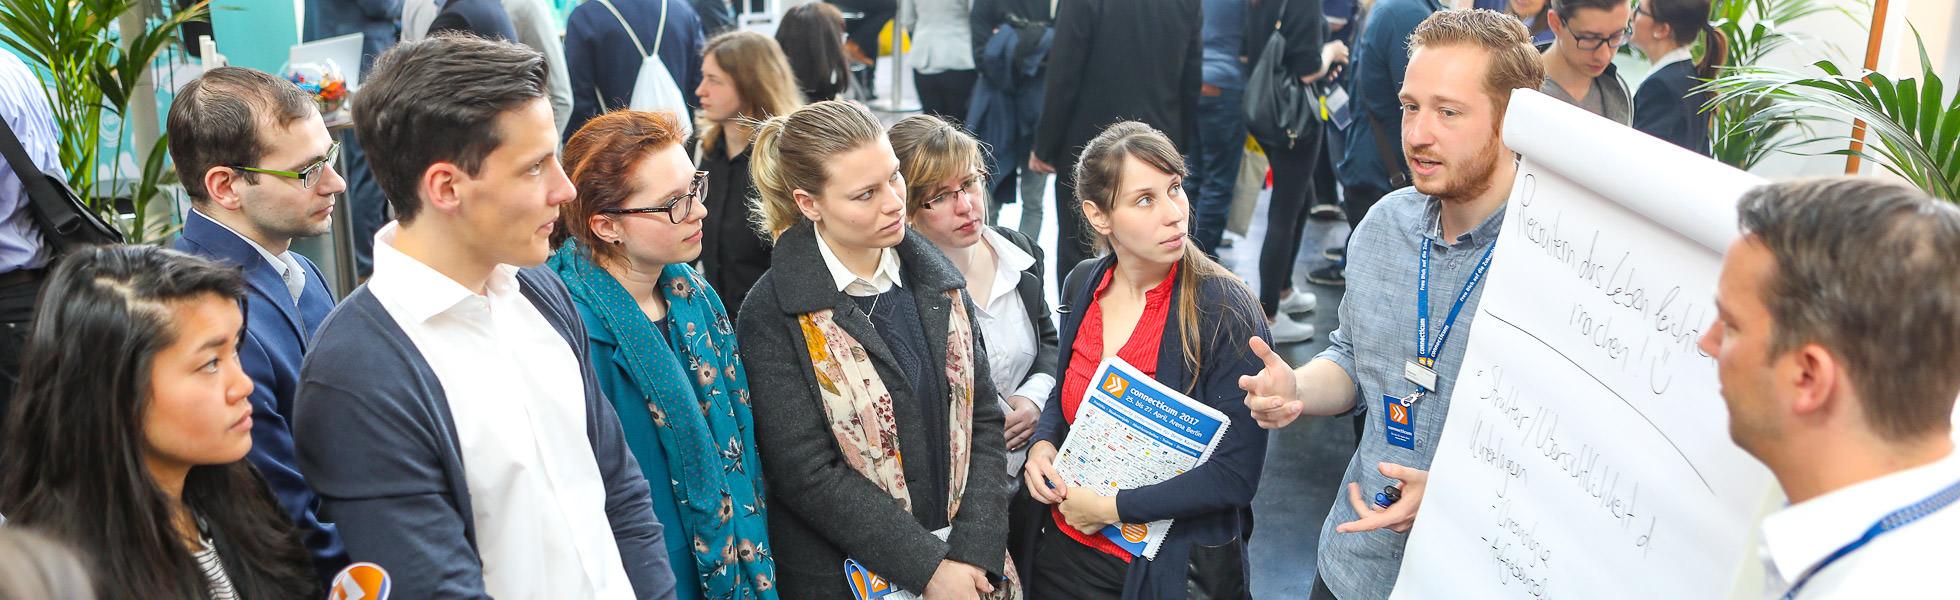 Foto eines Dialogevents am Messestand eines Unternehmens auf der Connecticum